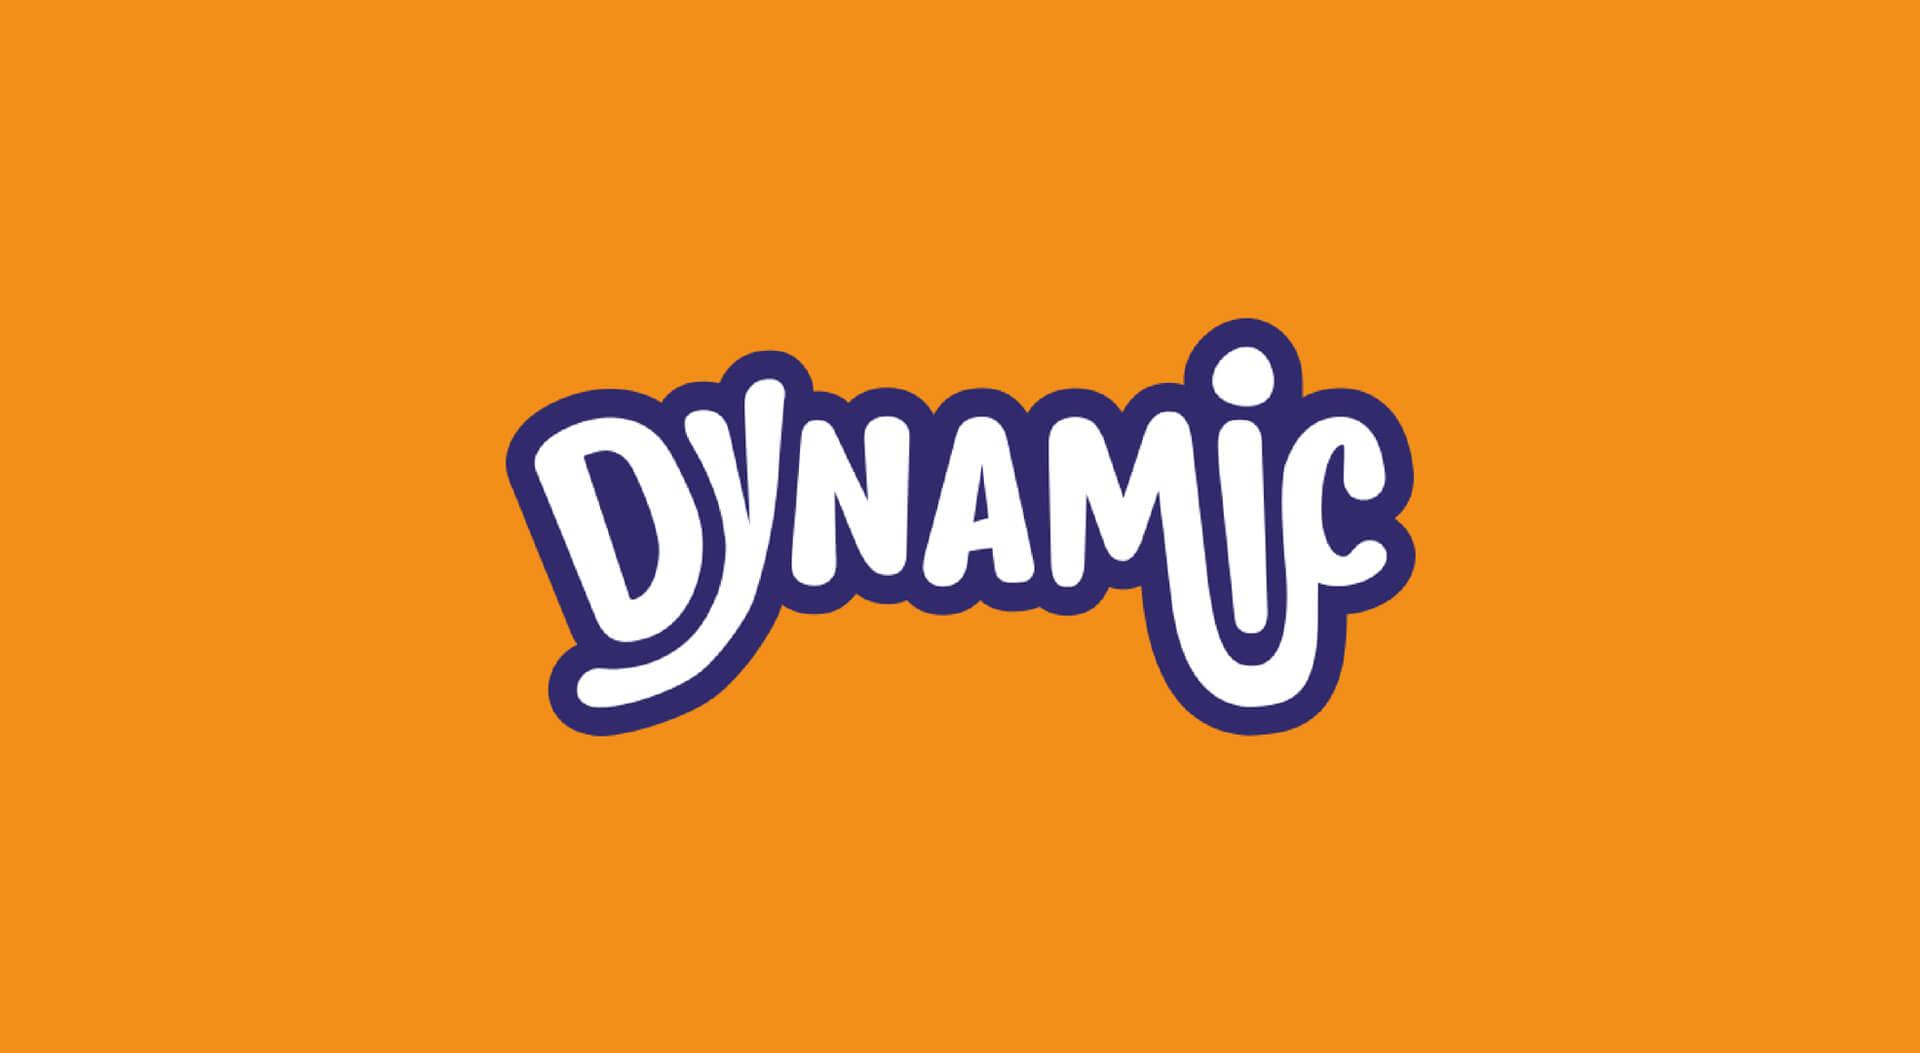 Dynamic charity logo design